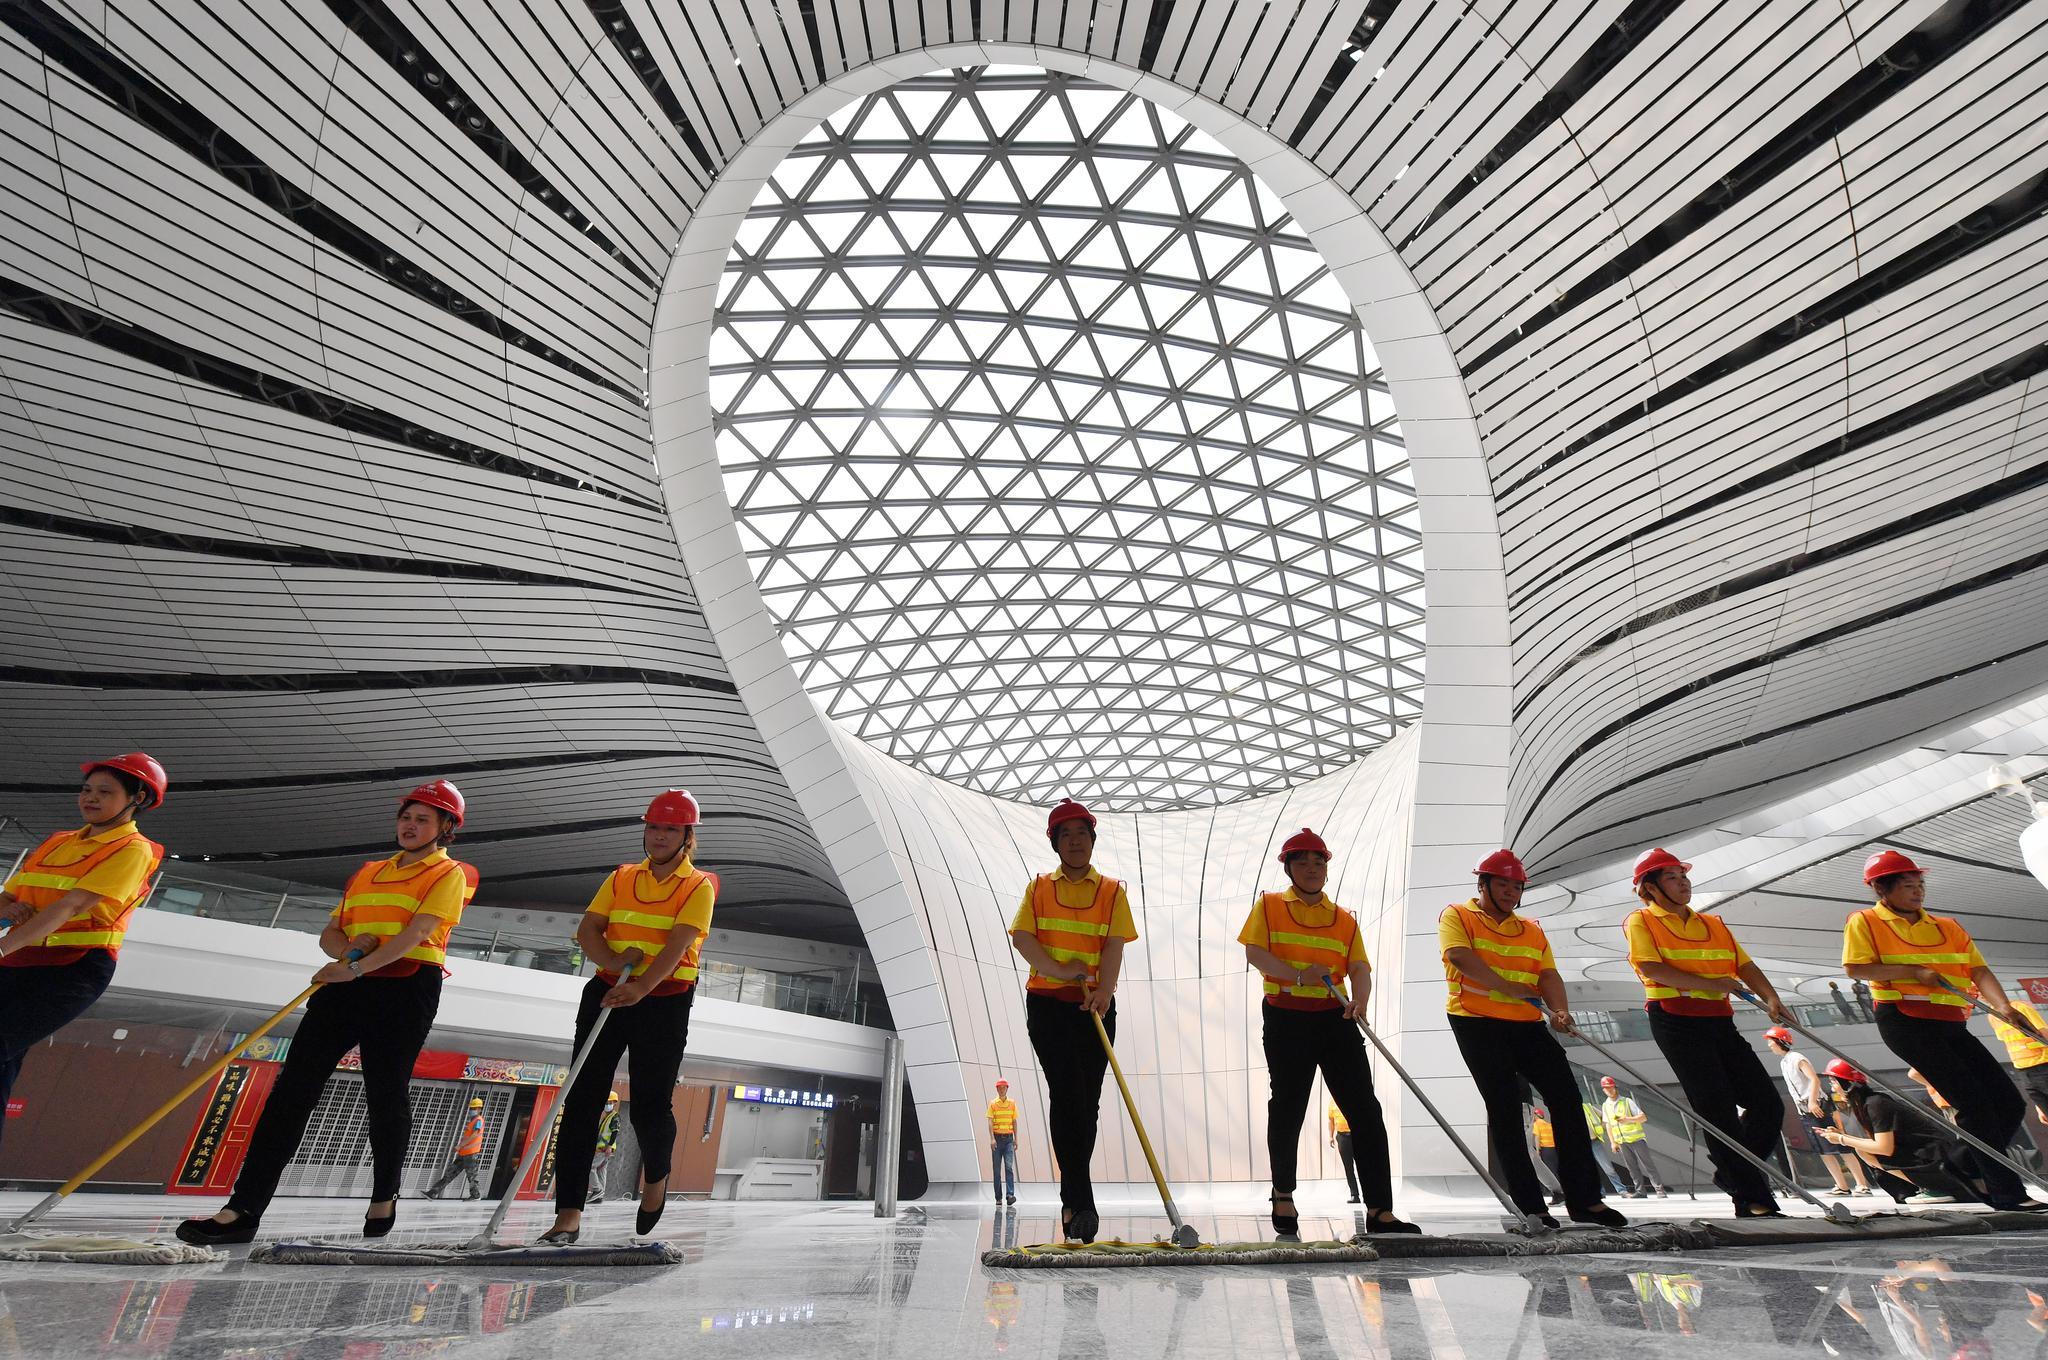 保洁人员在清洁航站楼地面。摄影/新京报记者李木易